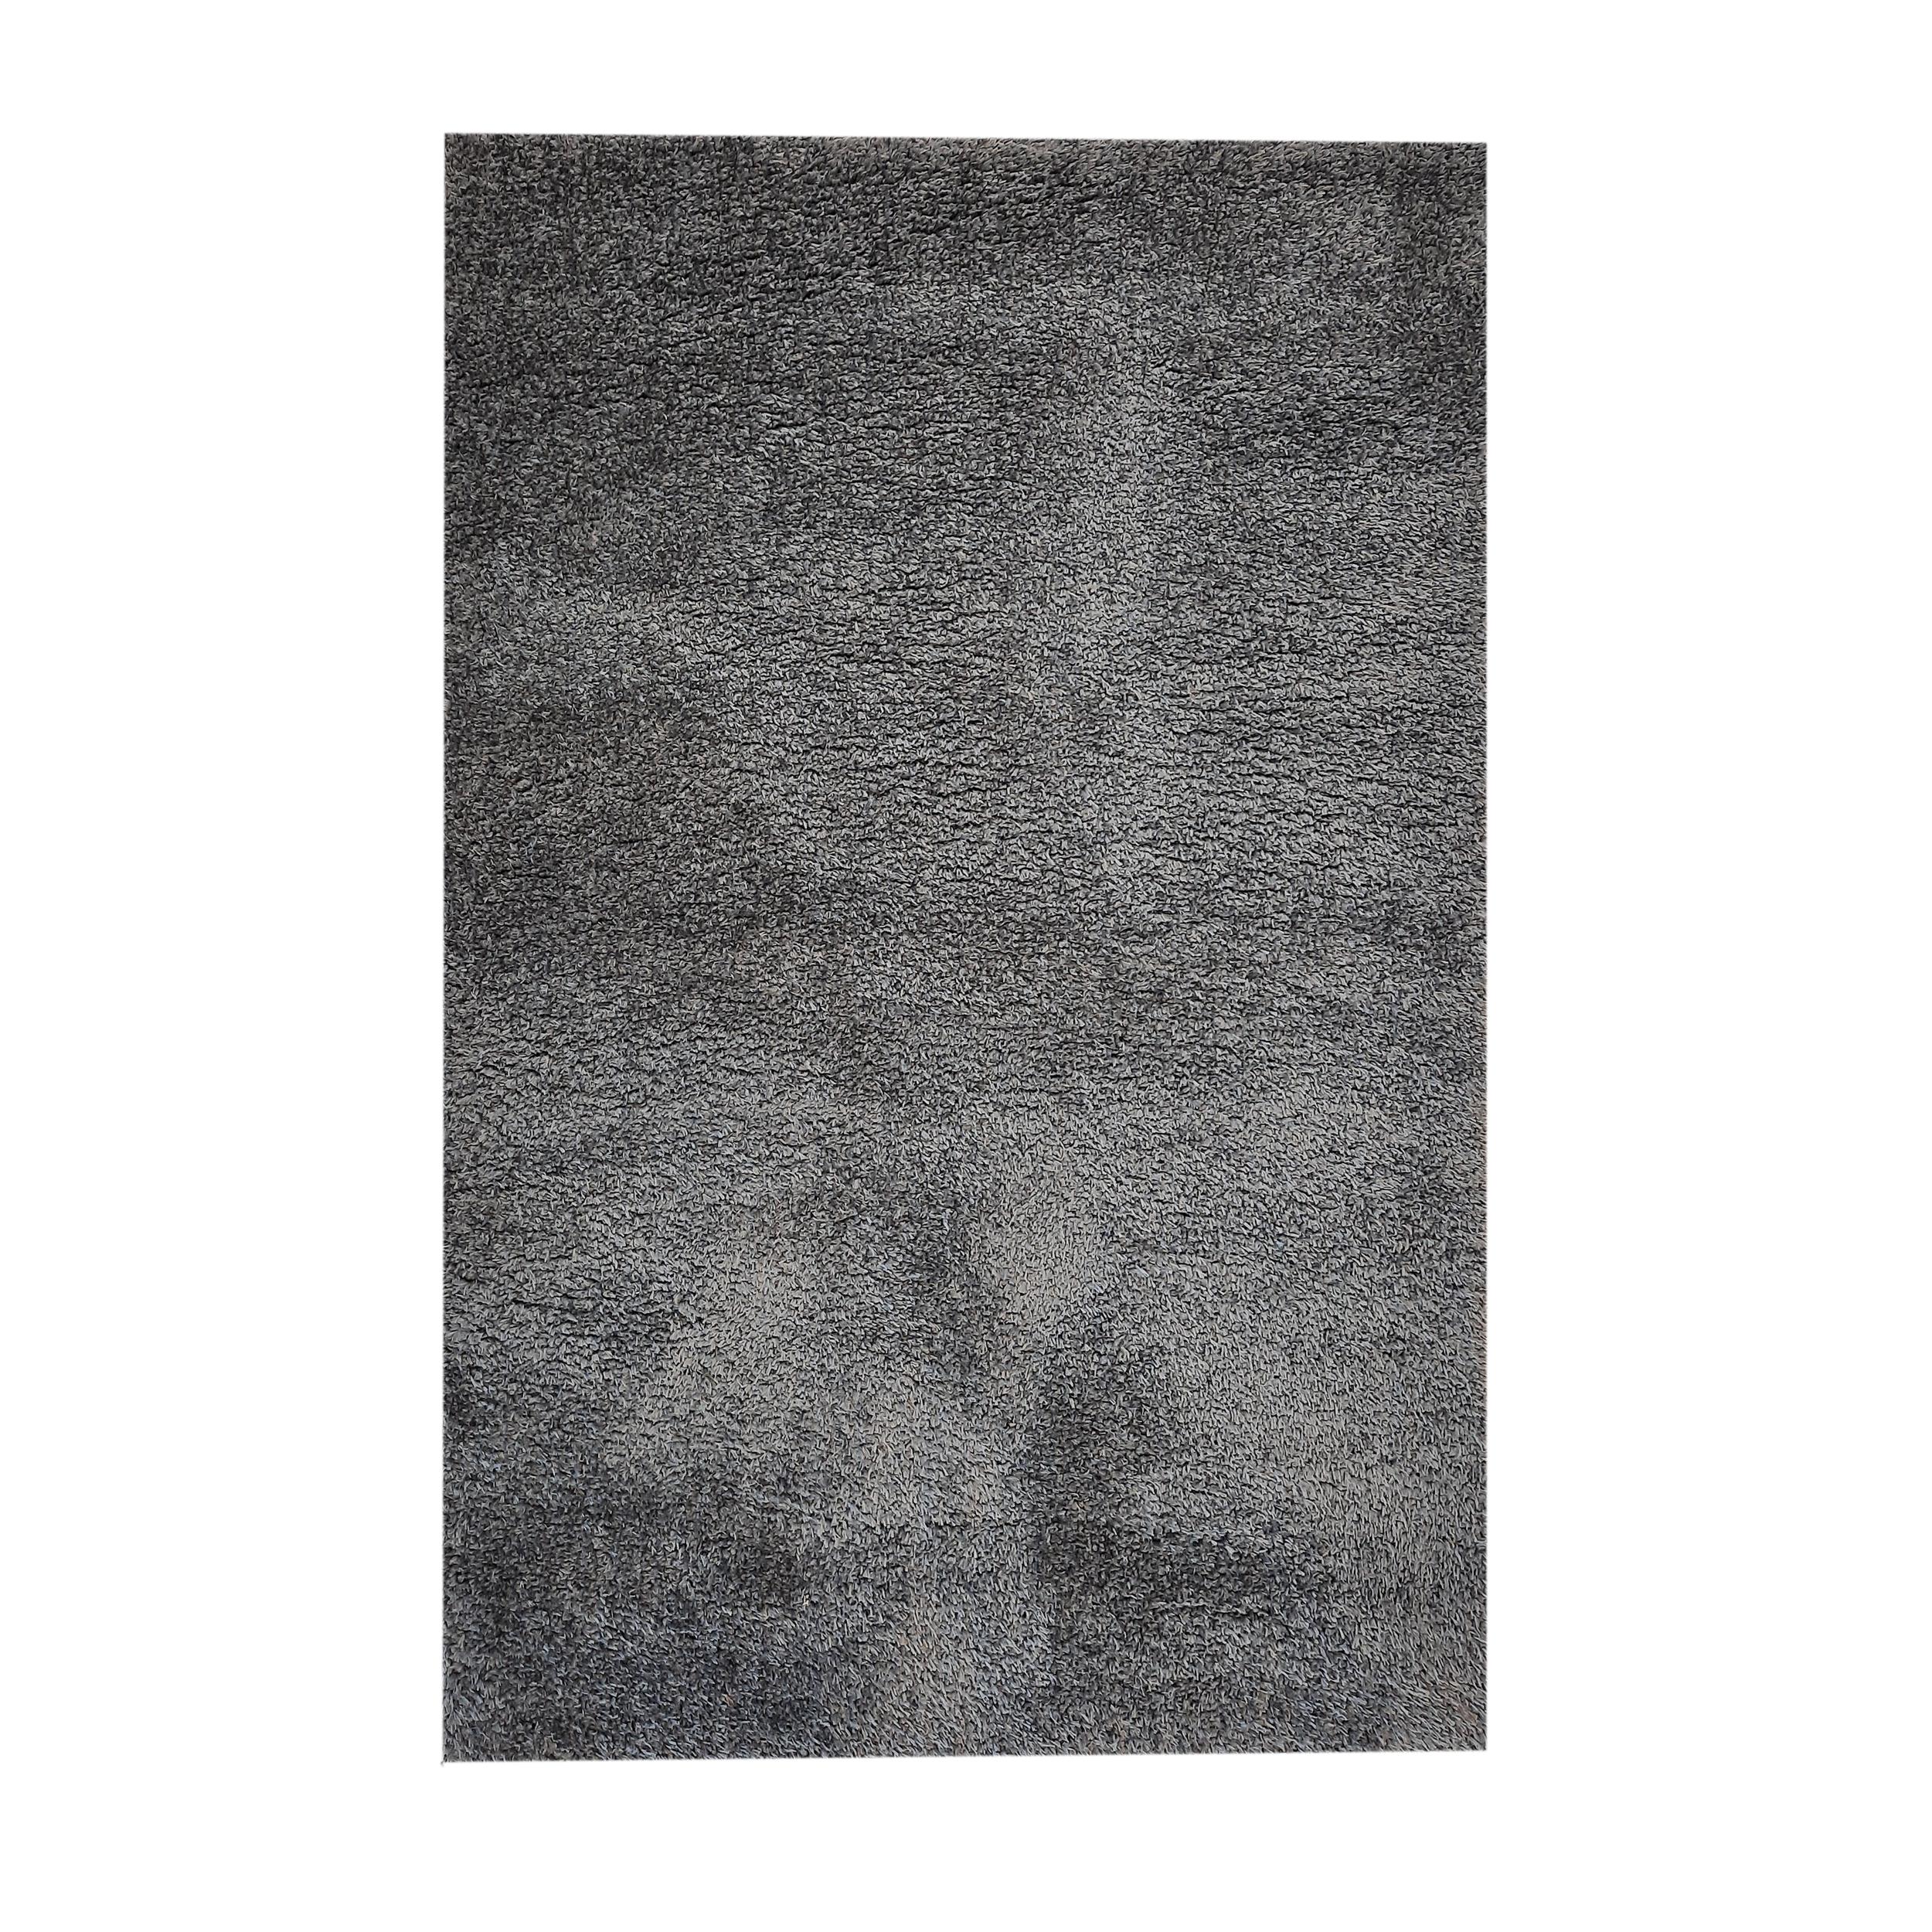 فرش ماشینی فرش مارکت تریتا مدل شگی کد 38 زمینه نوک مدادی